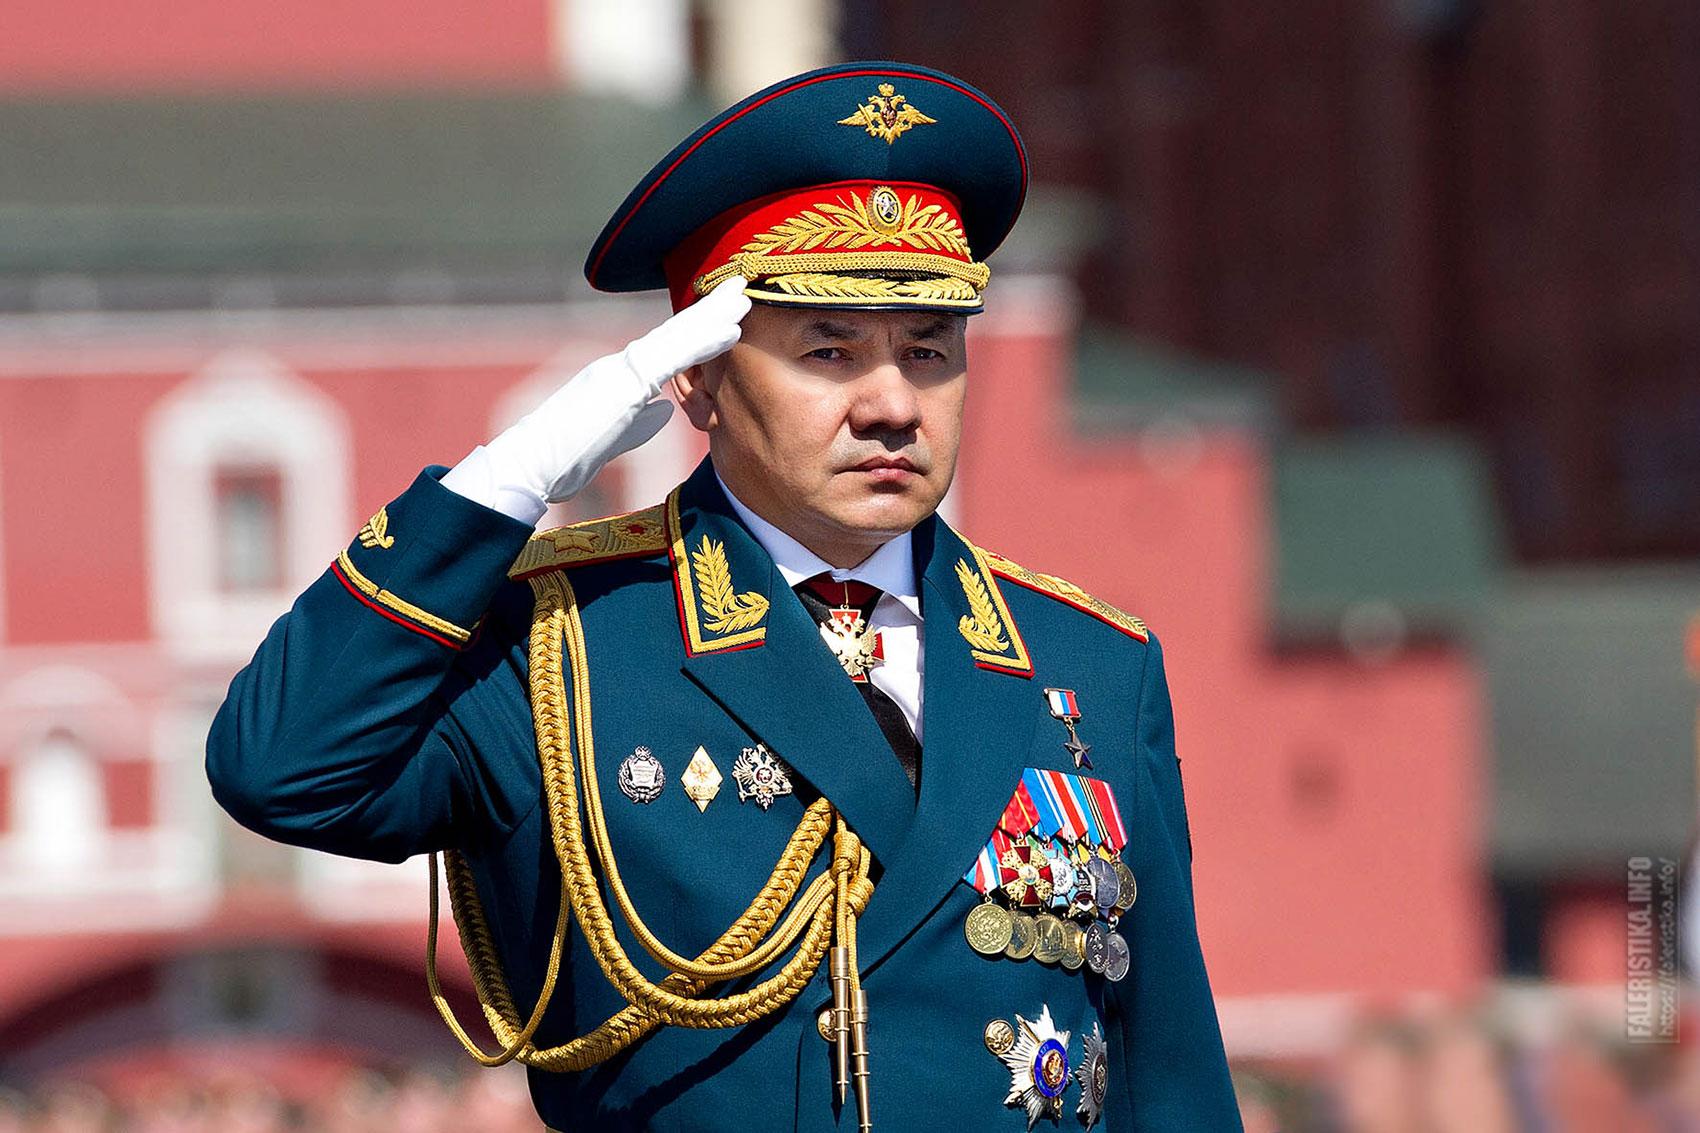 lobanov-2015-15-shoygu.jpg